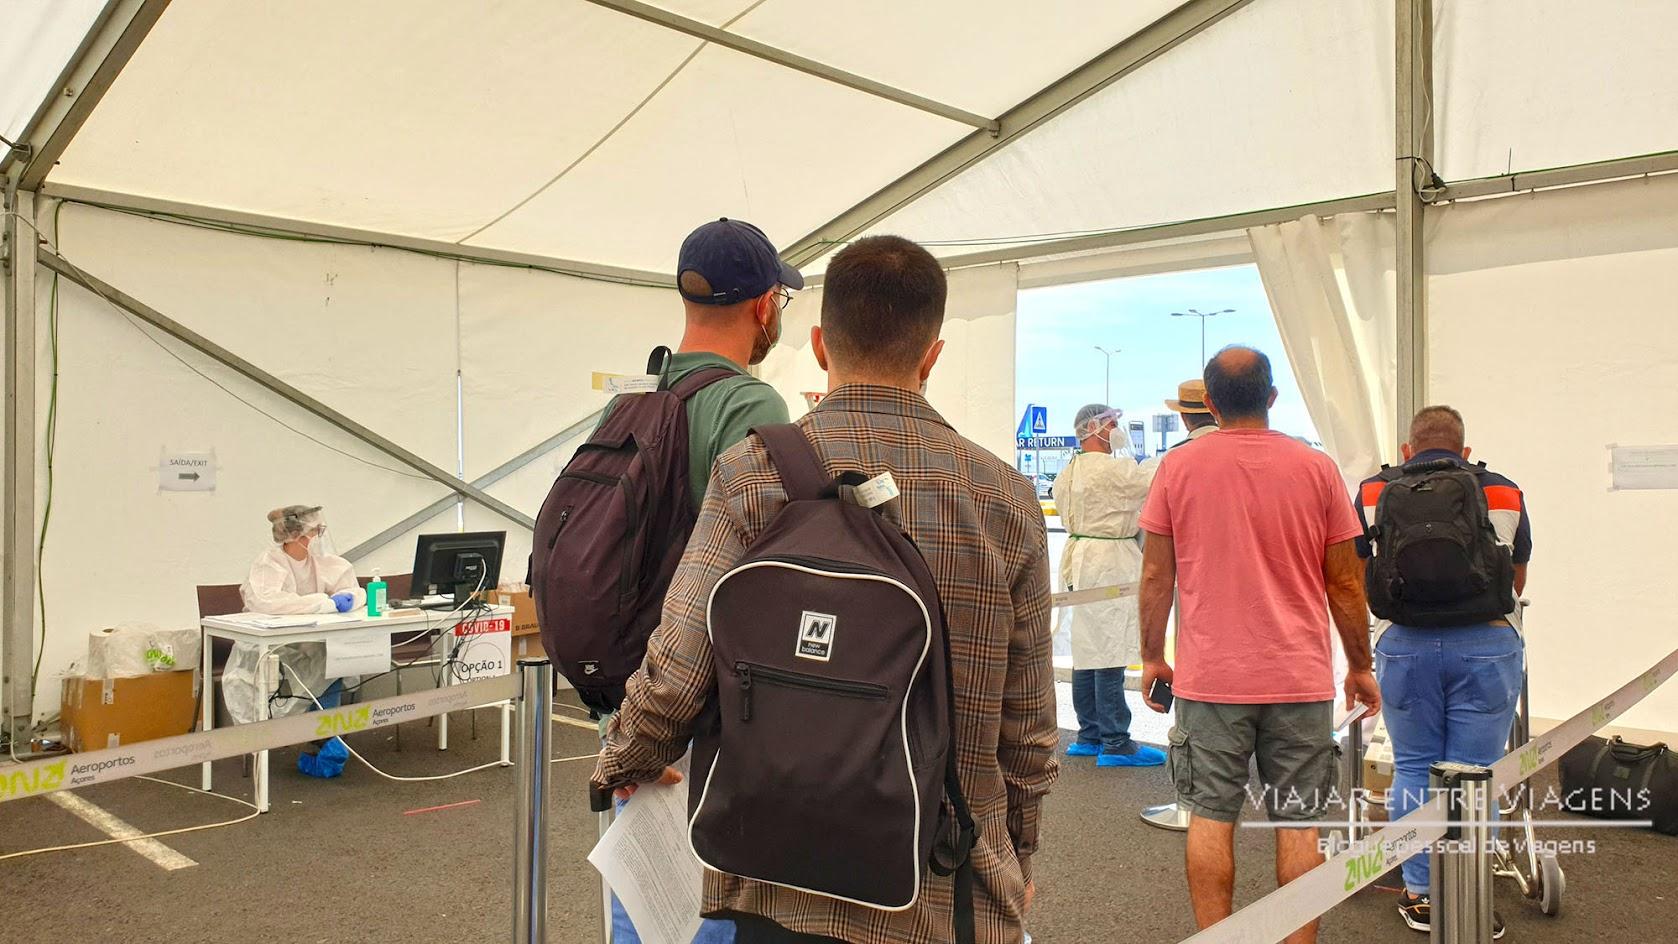 VIAJAR PARA OS AÇORES [2020] - Tudo o que precisa saber para visitar os Açores e viajar inter-ilhas